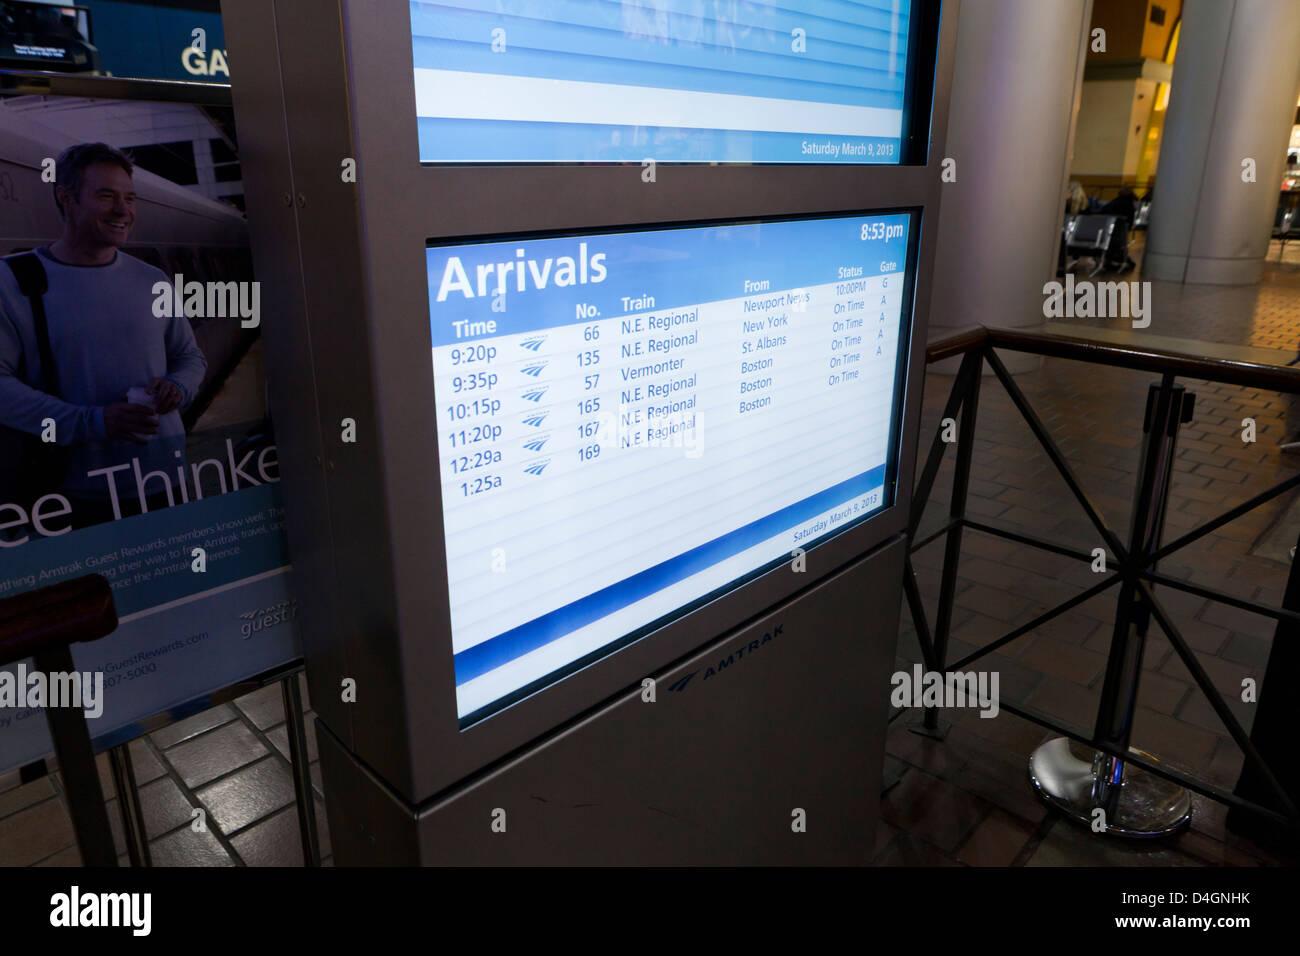 La stazione Amtrak di arrivo informazioni display - USA Immagini Stock